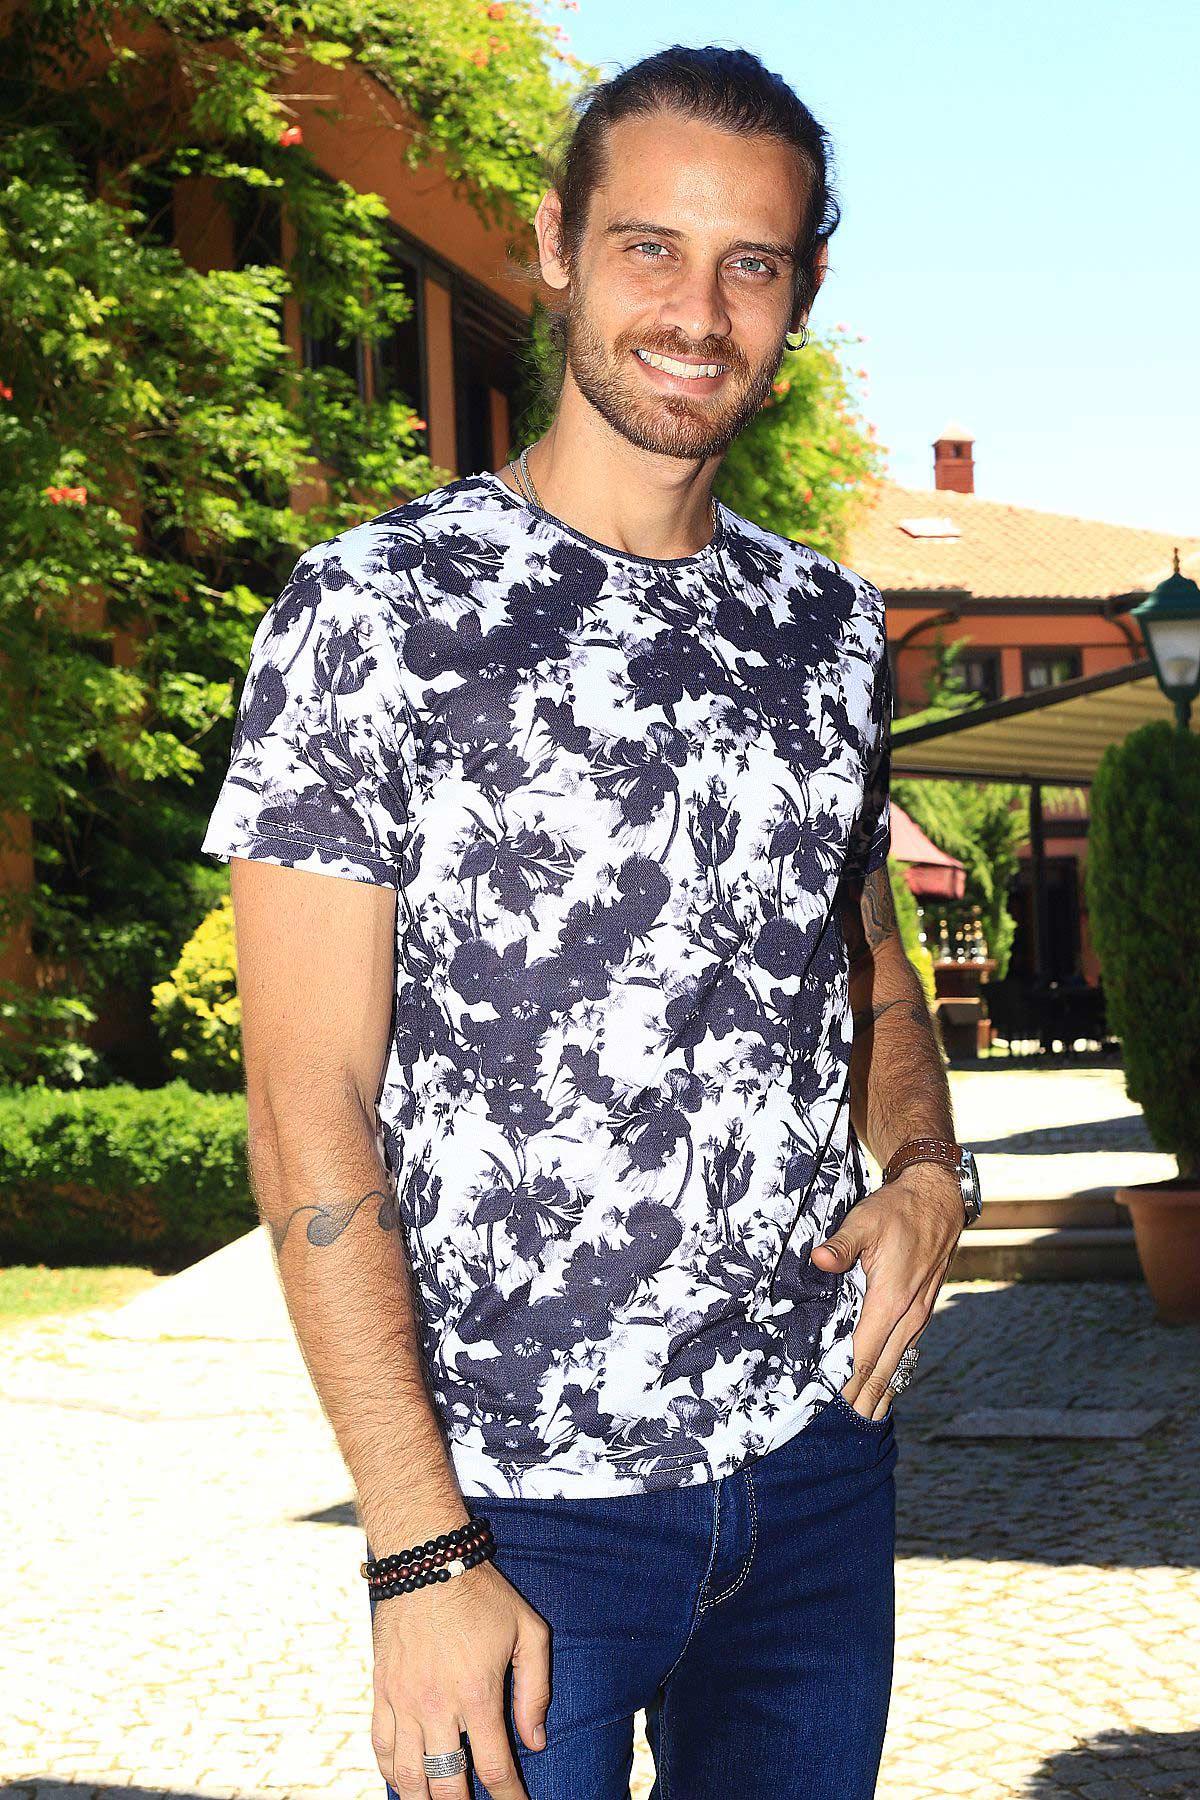 Men's Patterned White T-shirt